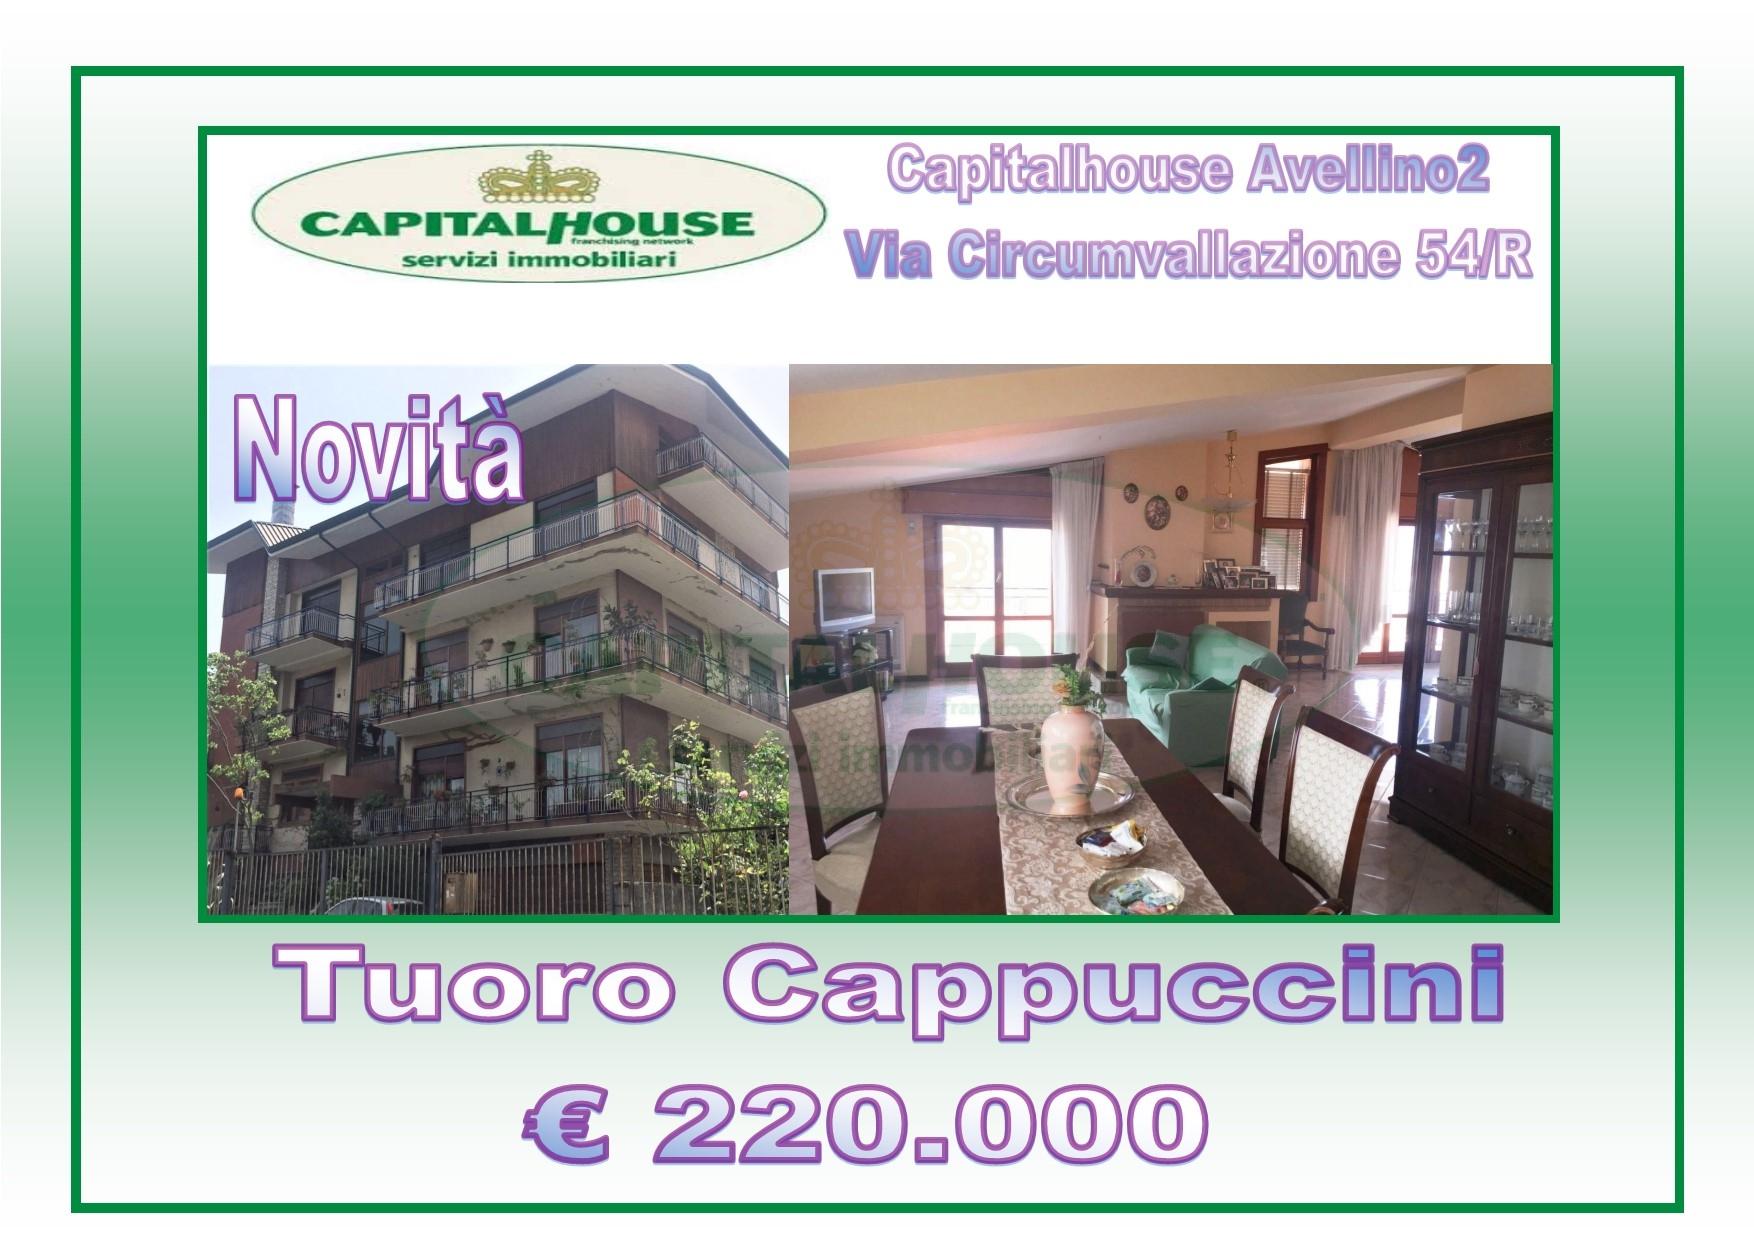 Attico / Mansarda in vendita a Avellino, 5 locali, zona Località: ViaTuoroCappuccini, prezzo € 220.000 | Cambio Casa.it